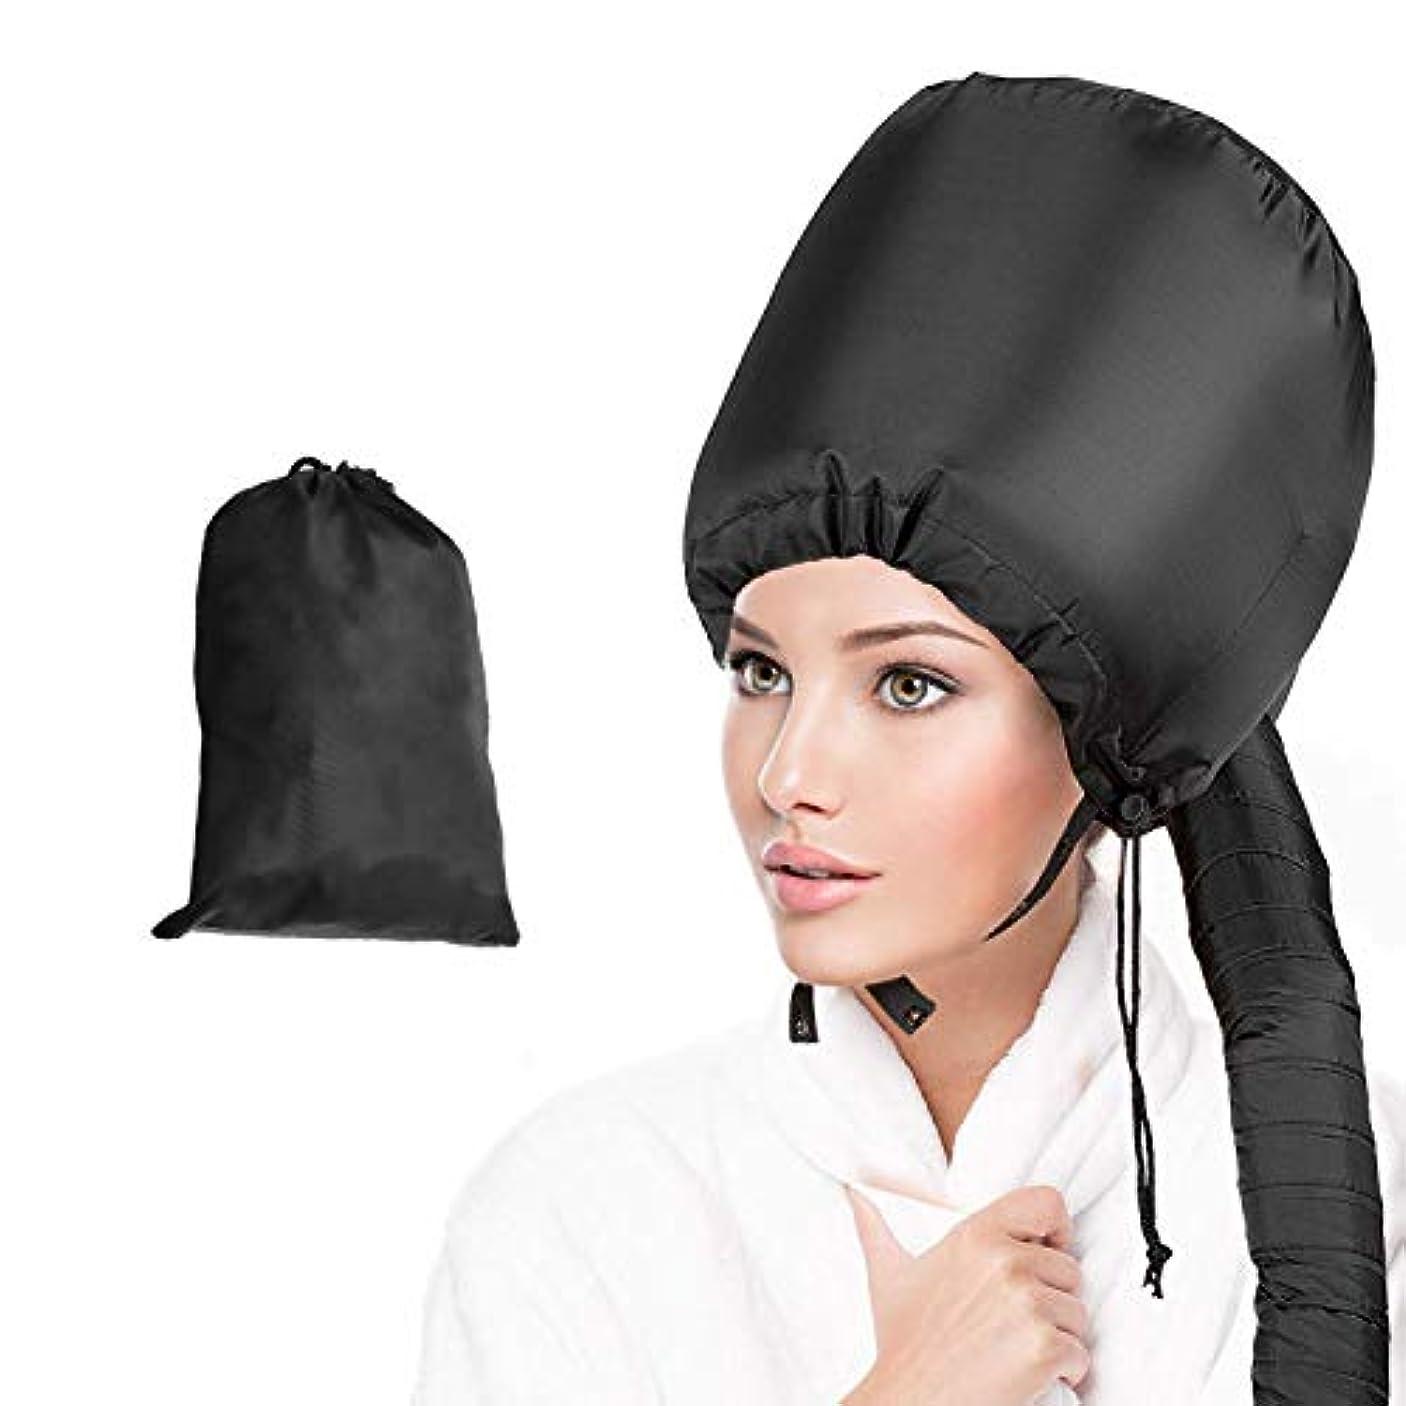 委託キャプテンブライ腕Weanas ヘアドライヤーキャップ 髪干し帽子 髪ケア ホームサロン 携帯収納ケース付き